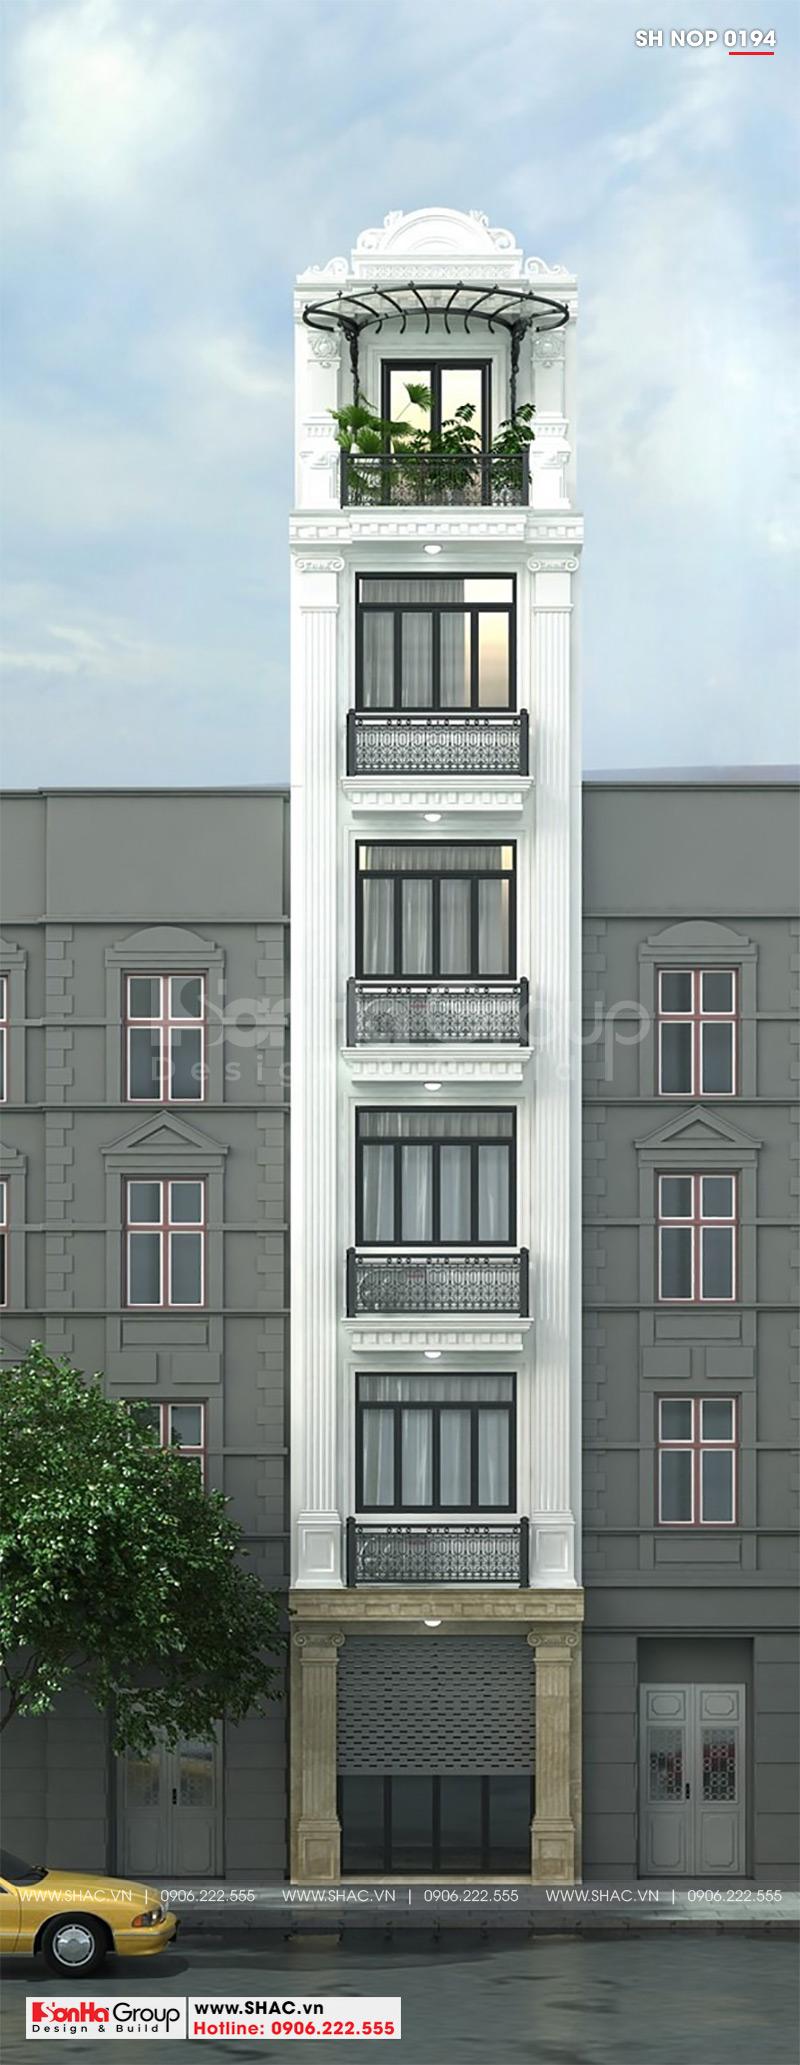 Kiến trúc nhà ống tân cổ điển 3,6x17m dễ dàng chinh phục mọi ánh nhìn